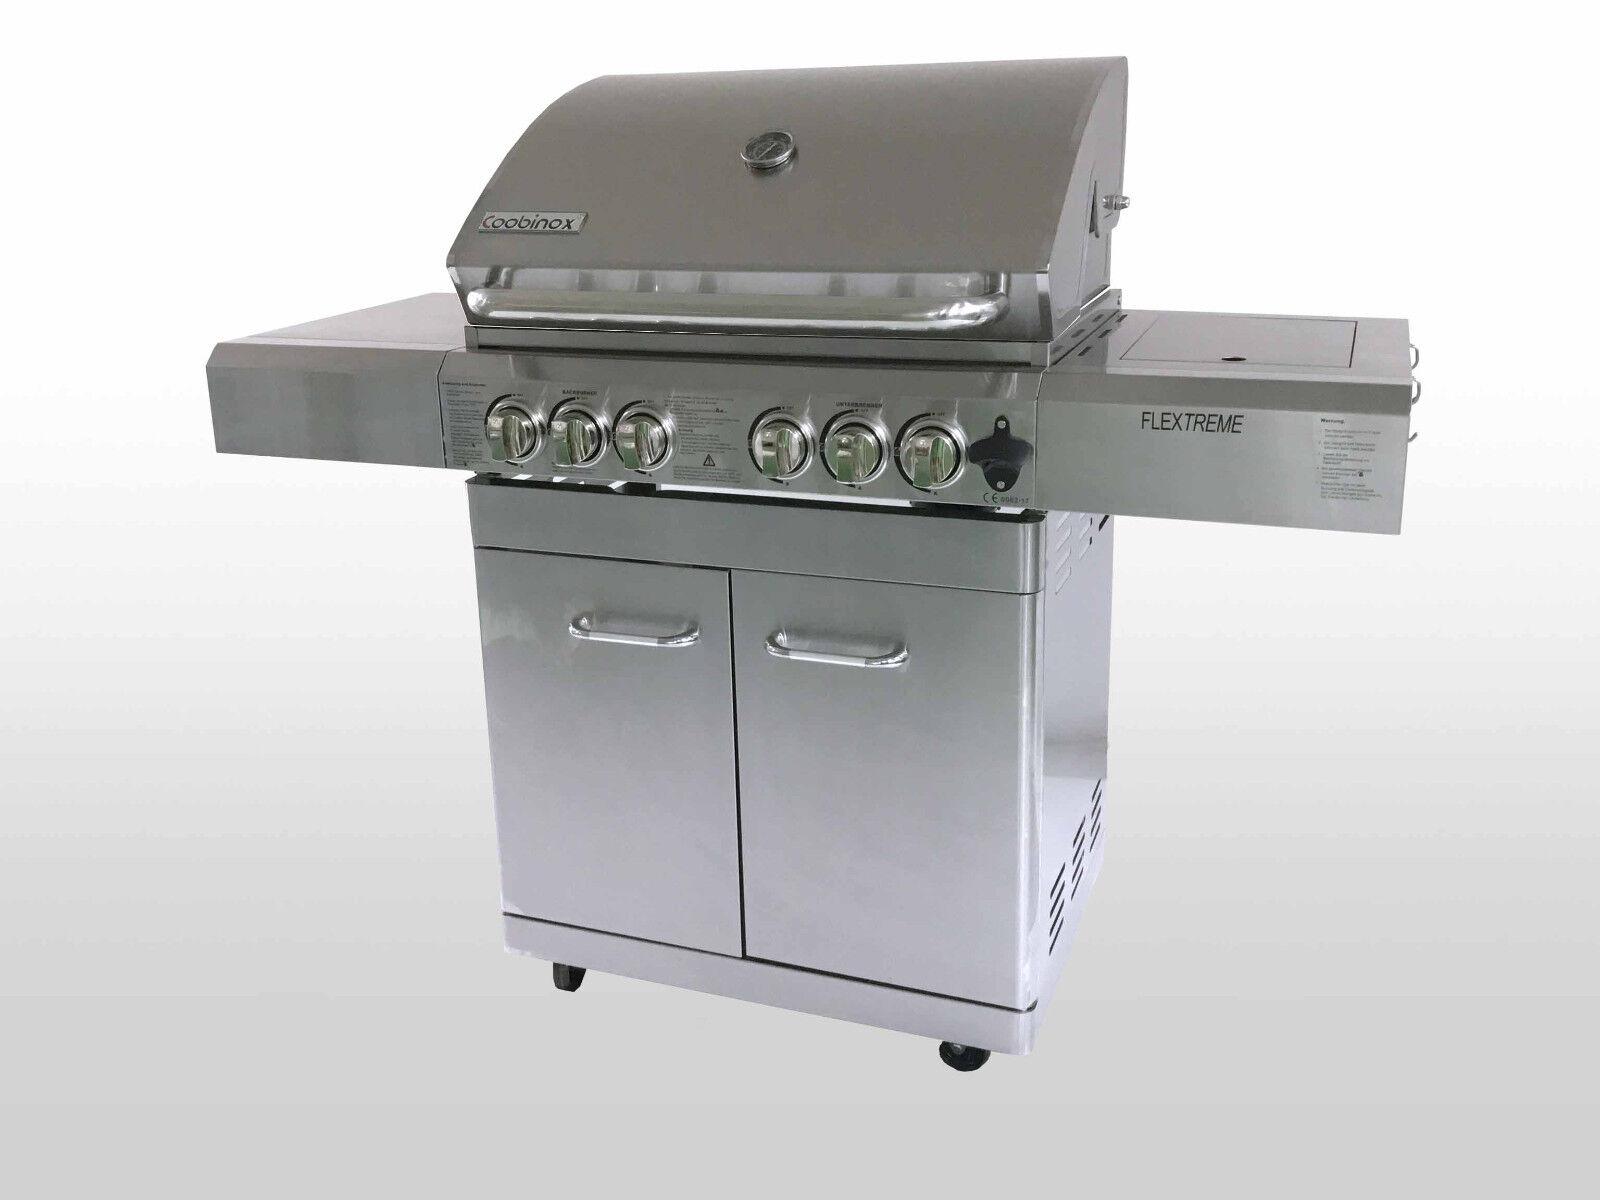 Outdoor Küche Hofer : Outdoor küche kansas pro sik profi turbo vinyltapete für küche